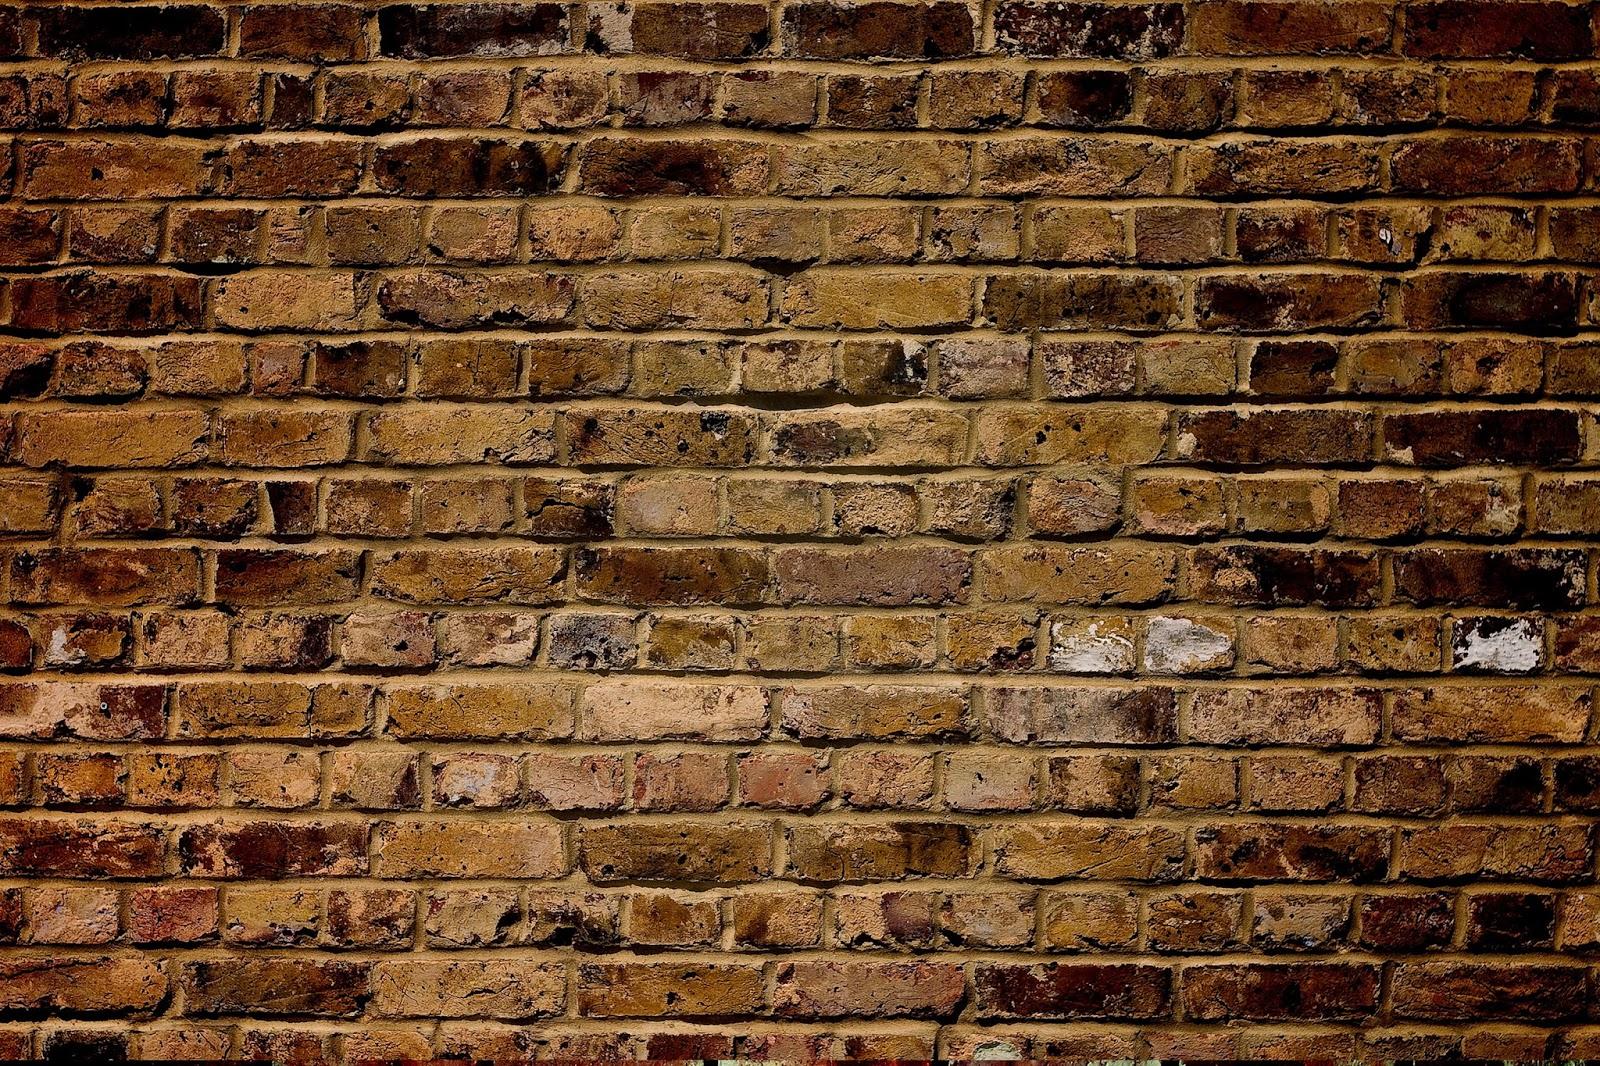 Fondo de pantalla abstracto pared de ladrillos - Ladrillos para pared ...